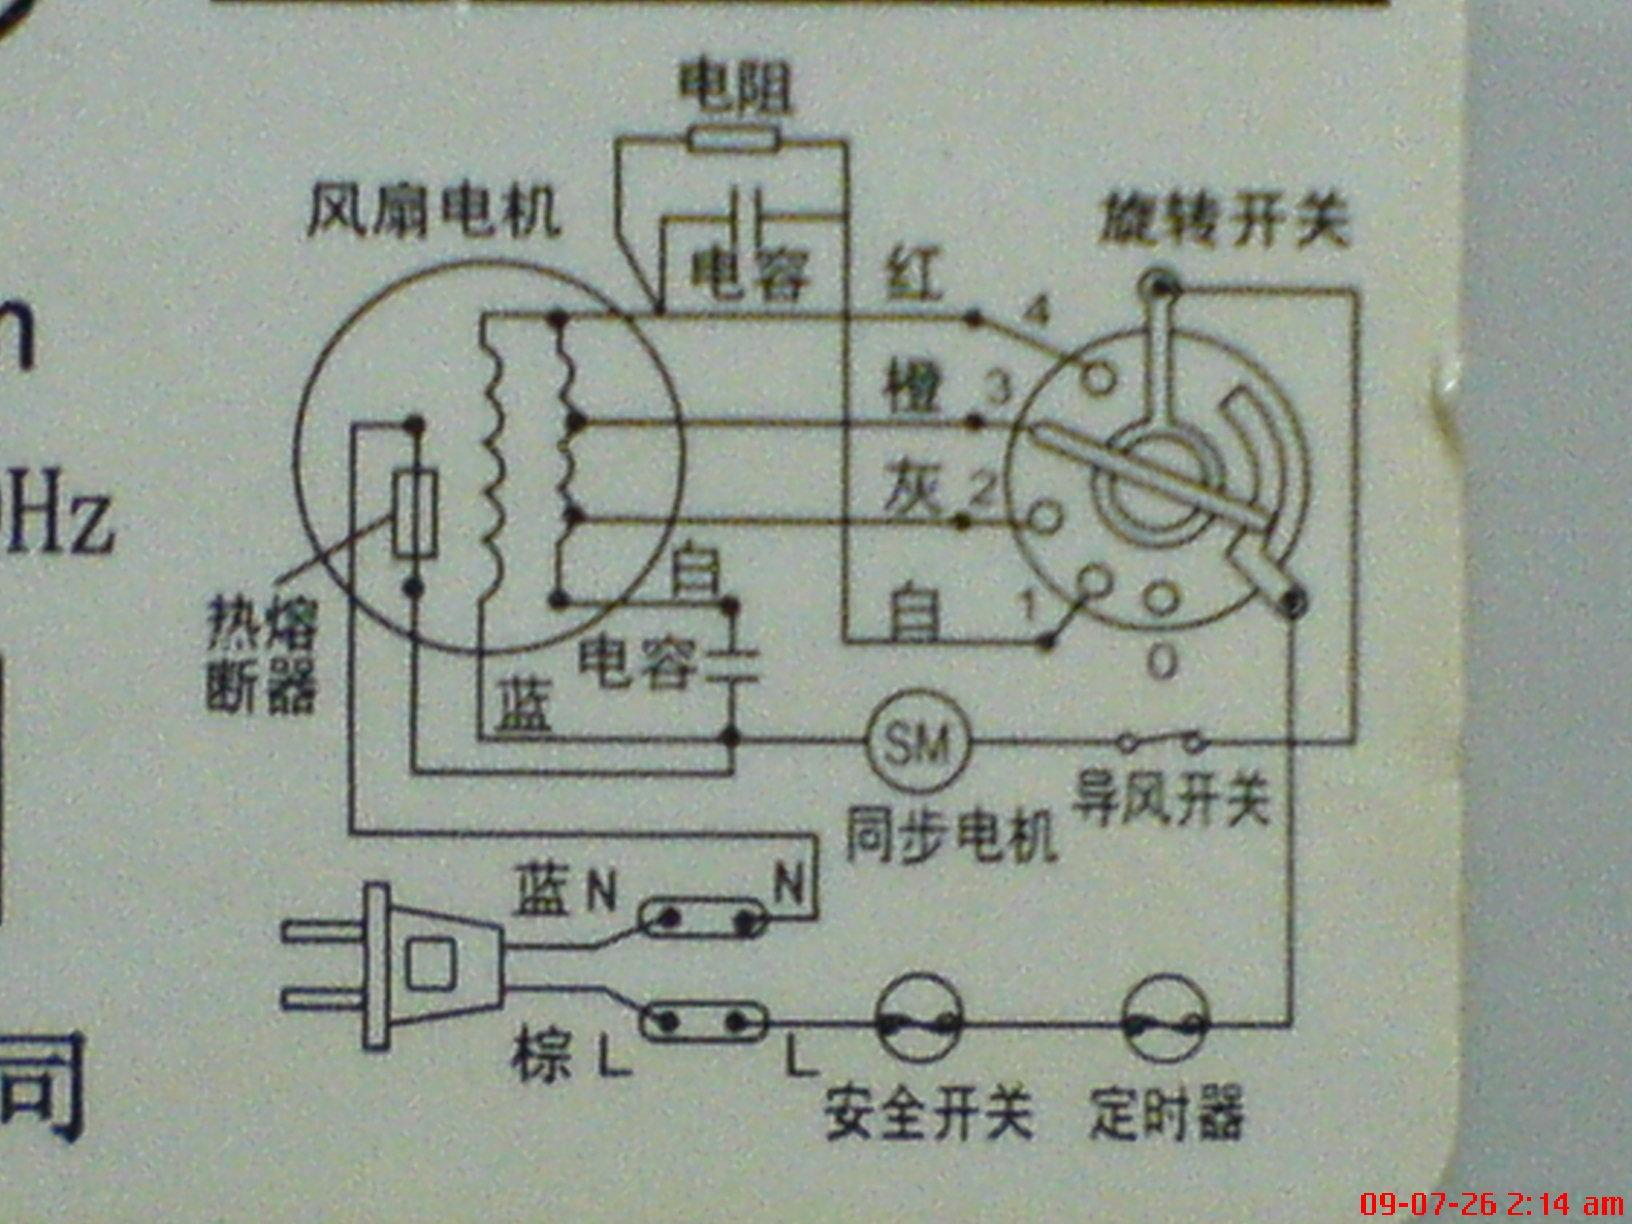 電風扇電容是怎樣接線的